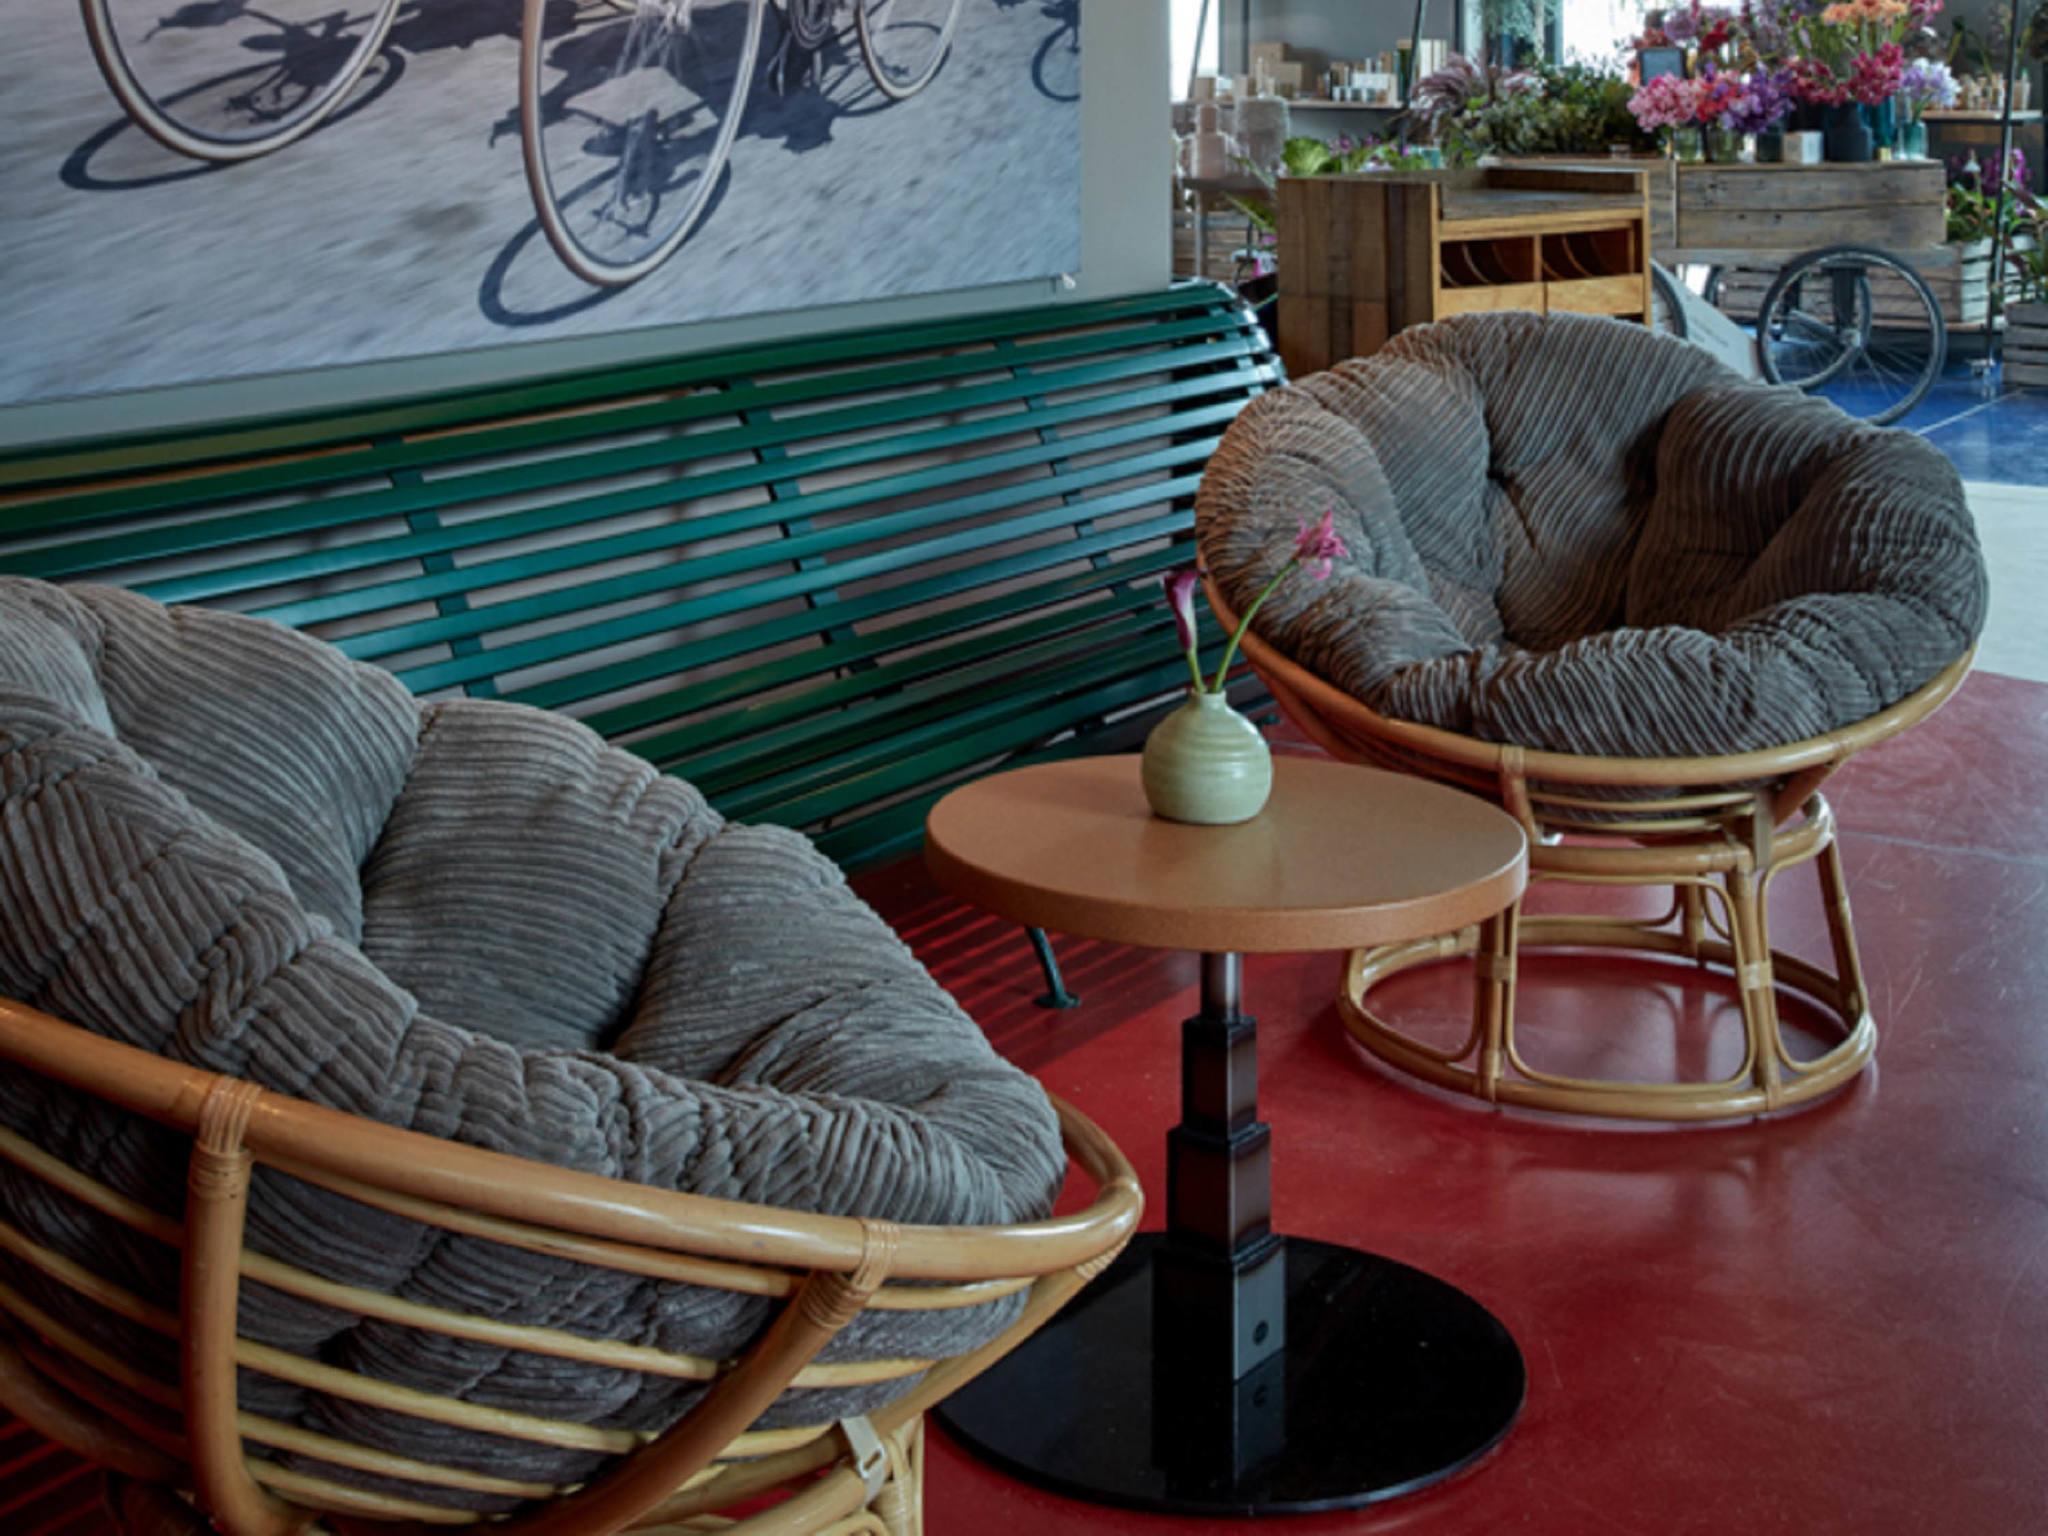 فندق - فندق 25 أورز داس تور في دوسلدورف